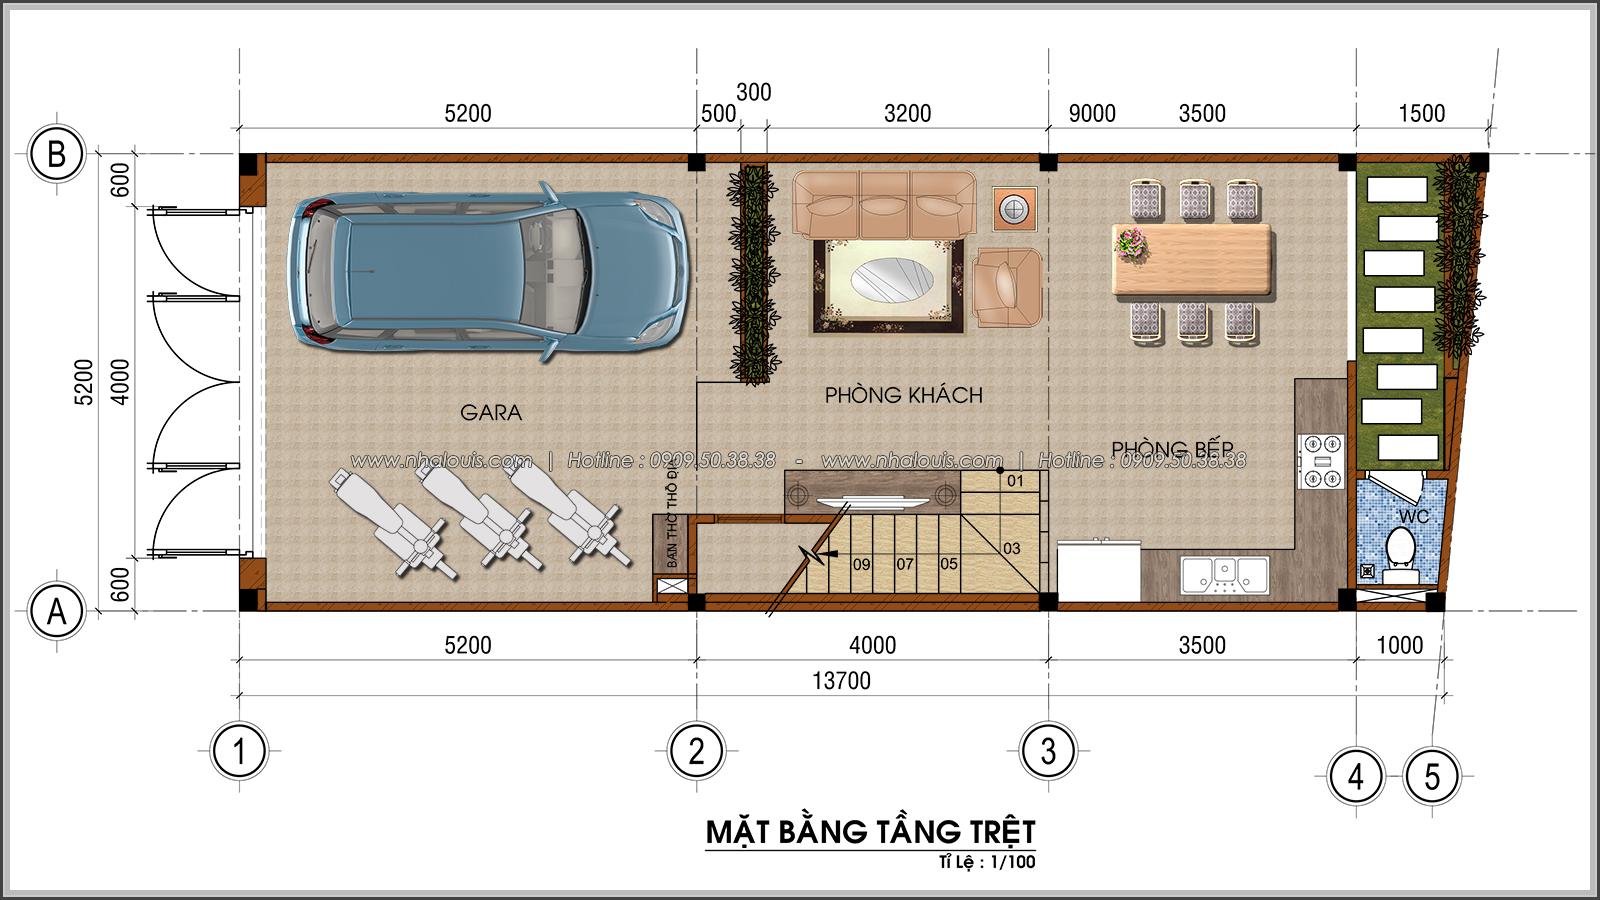 Mẫu thiết kế nhà ống 5 tầng mặt tiền 5m có gara ô tô tại Tân Bình - 03